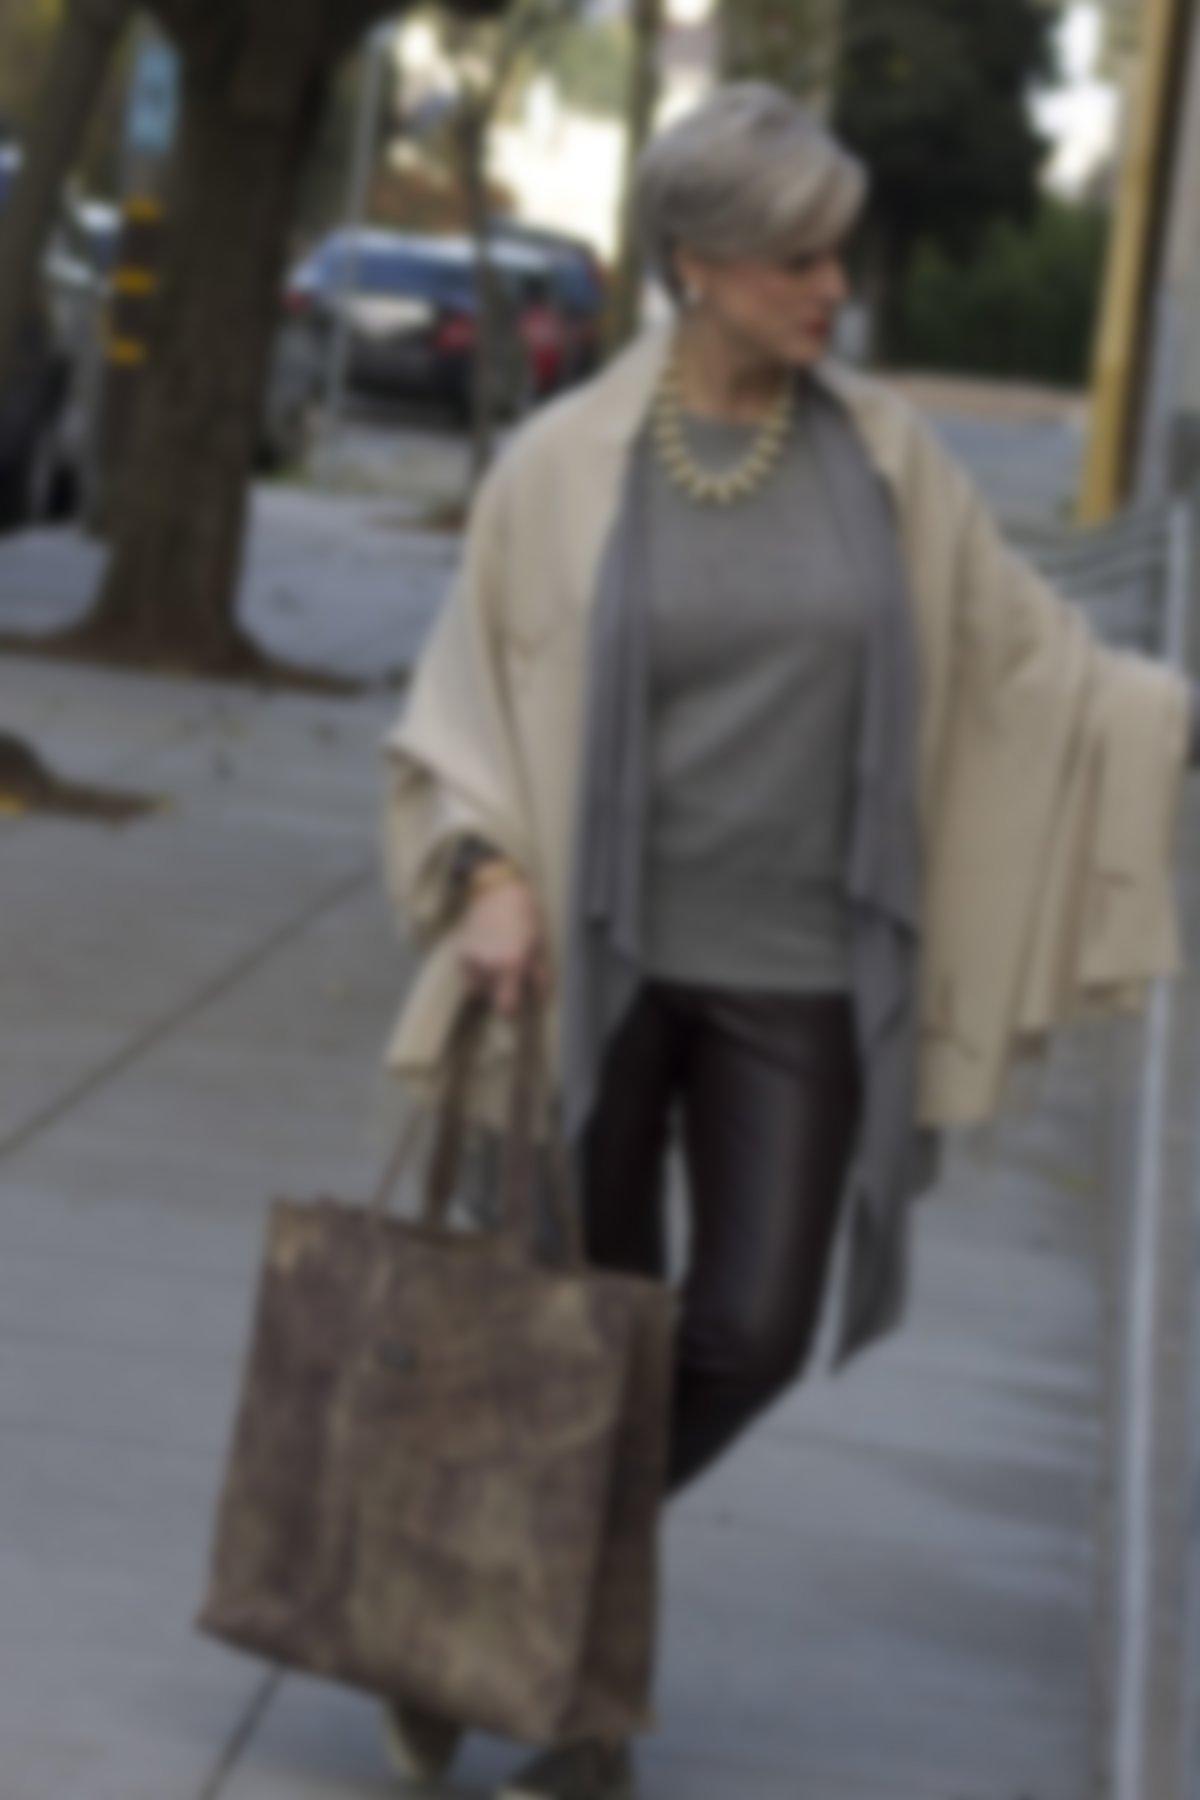 cd793c4490bf Большинство предлагаемых дизайнерами образов подчеркивают особый шарм  возраста с помощью классических моделей. Строгие юбки, блузки и брюки могут  быть ...